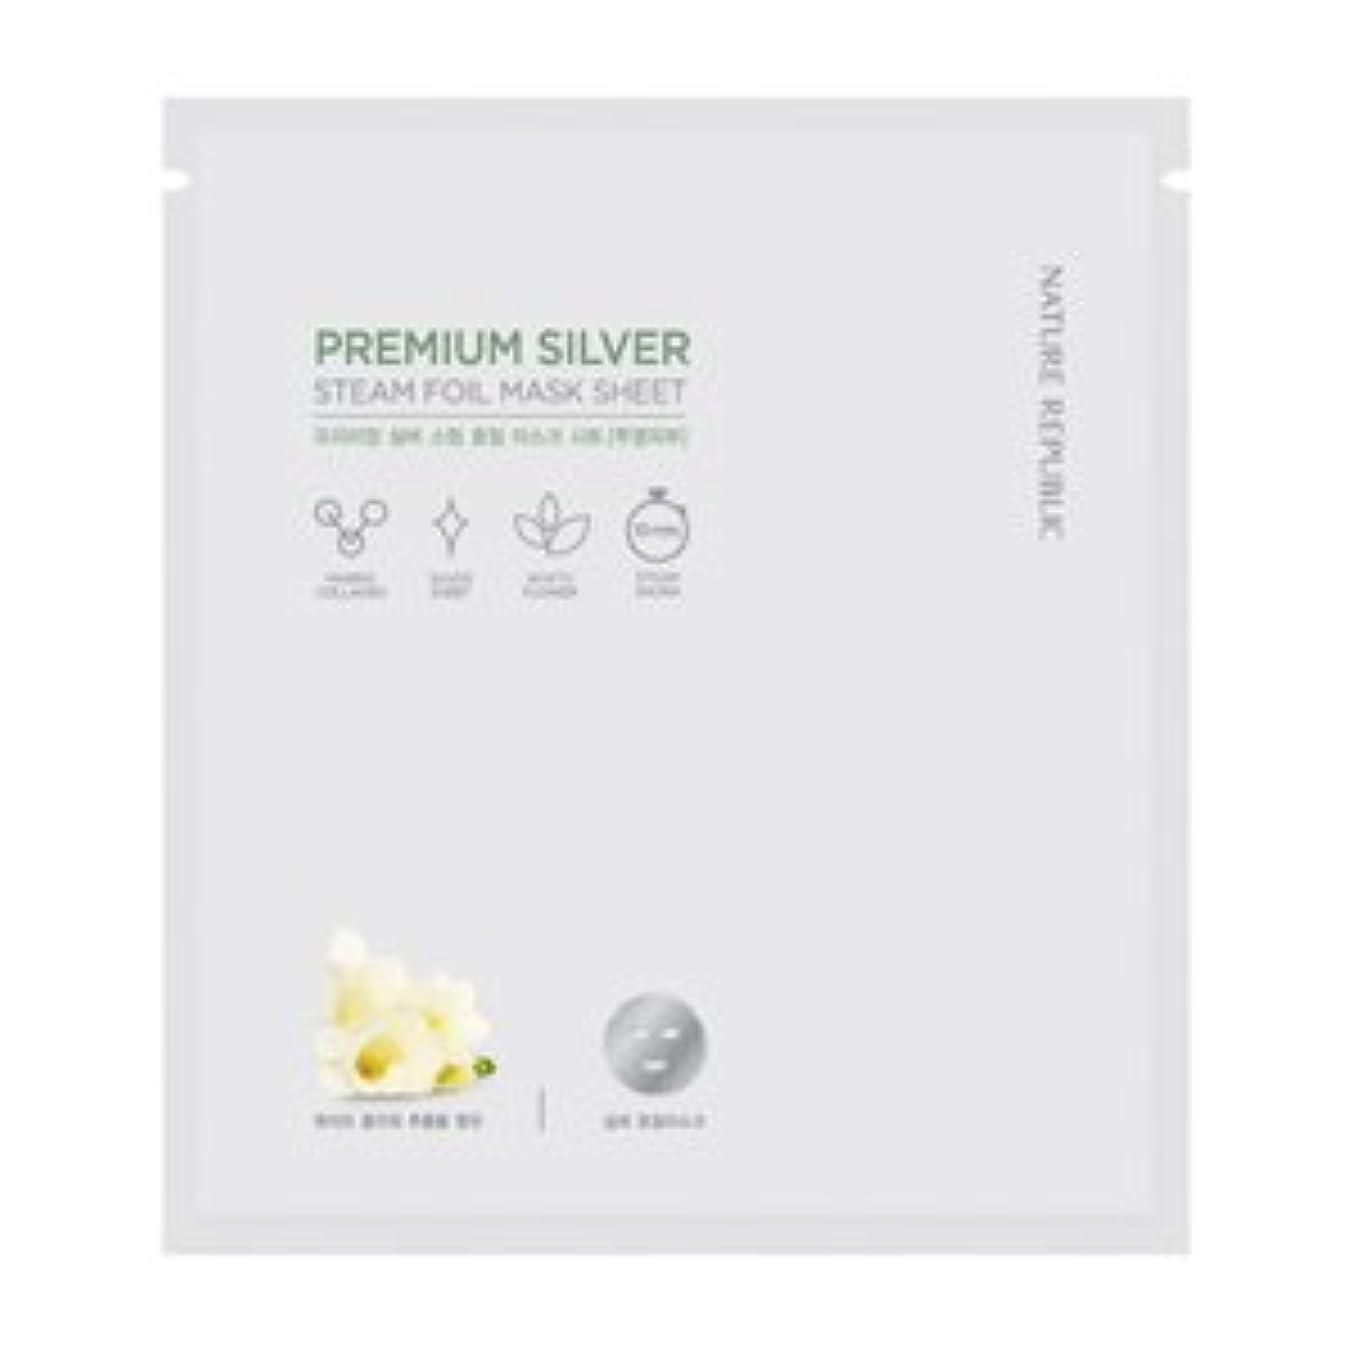 囲む講堂より良いNature Republic Premium silver Steam Foil Mask Sheet [5ea] ネーチャーリパブリック プレミアムシルバースチームホイルマスクシート [5枚] [並行輸入品]